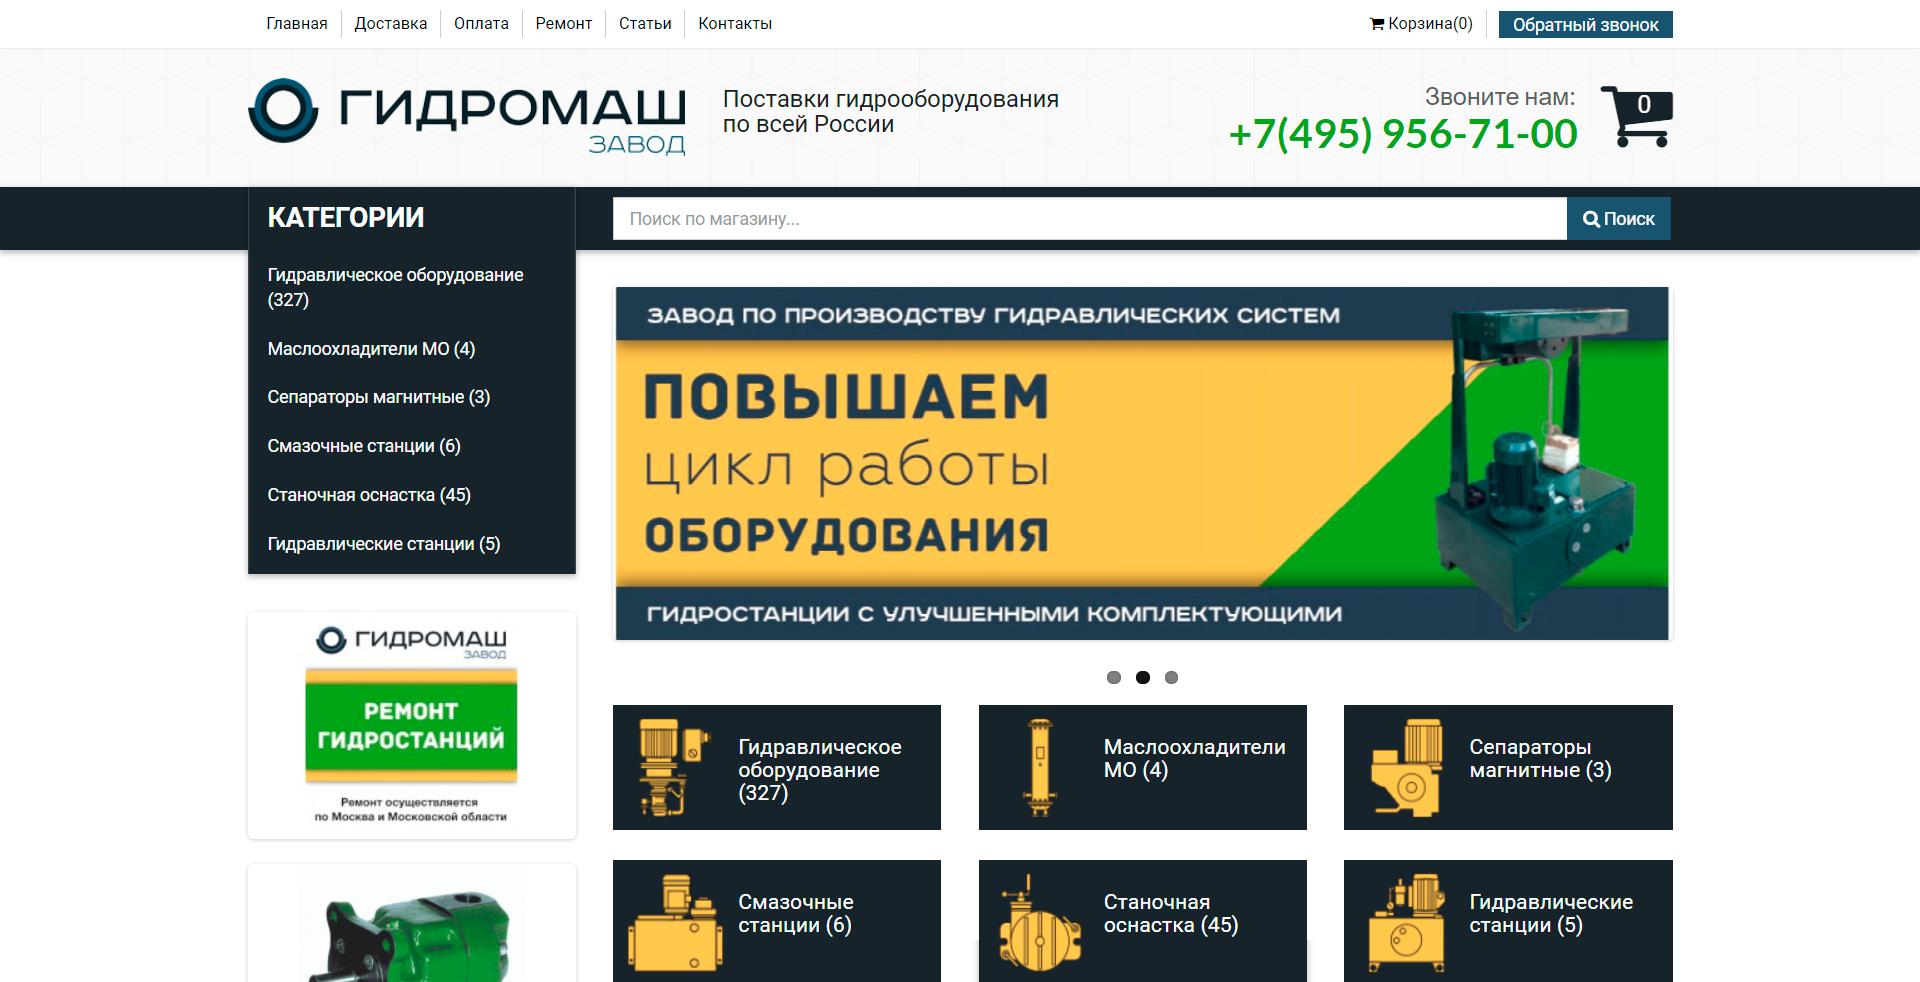 Продвижение сайта завода «Гидромаш»